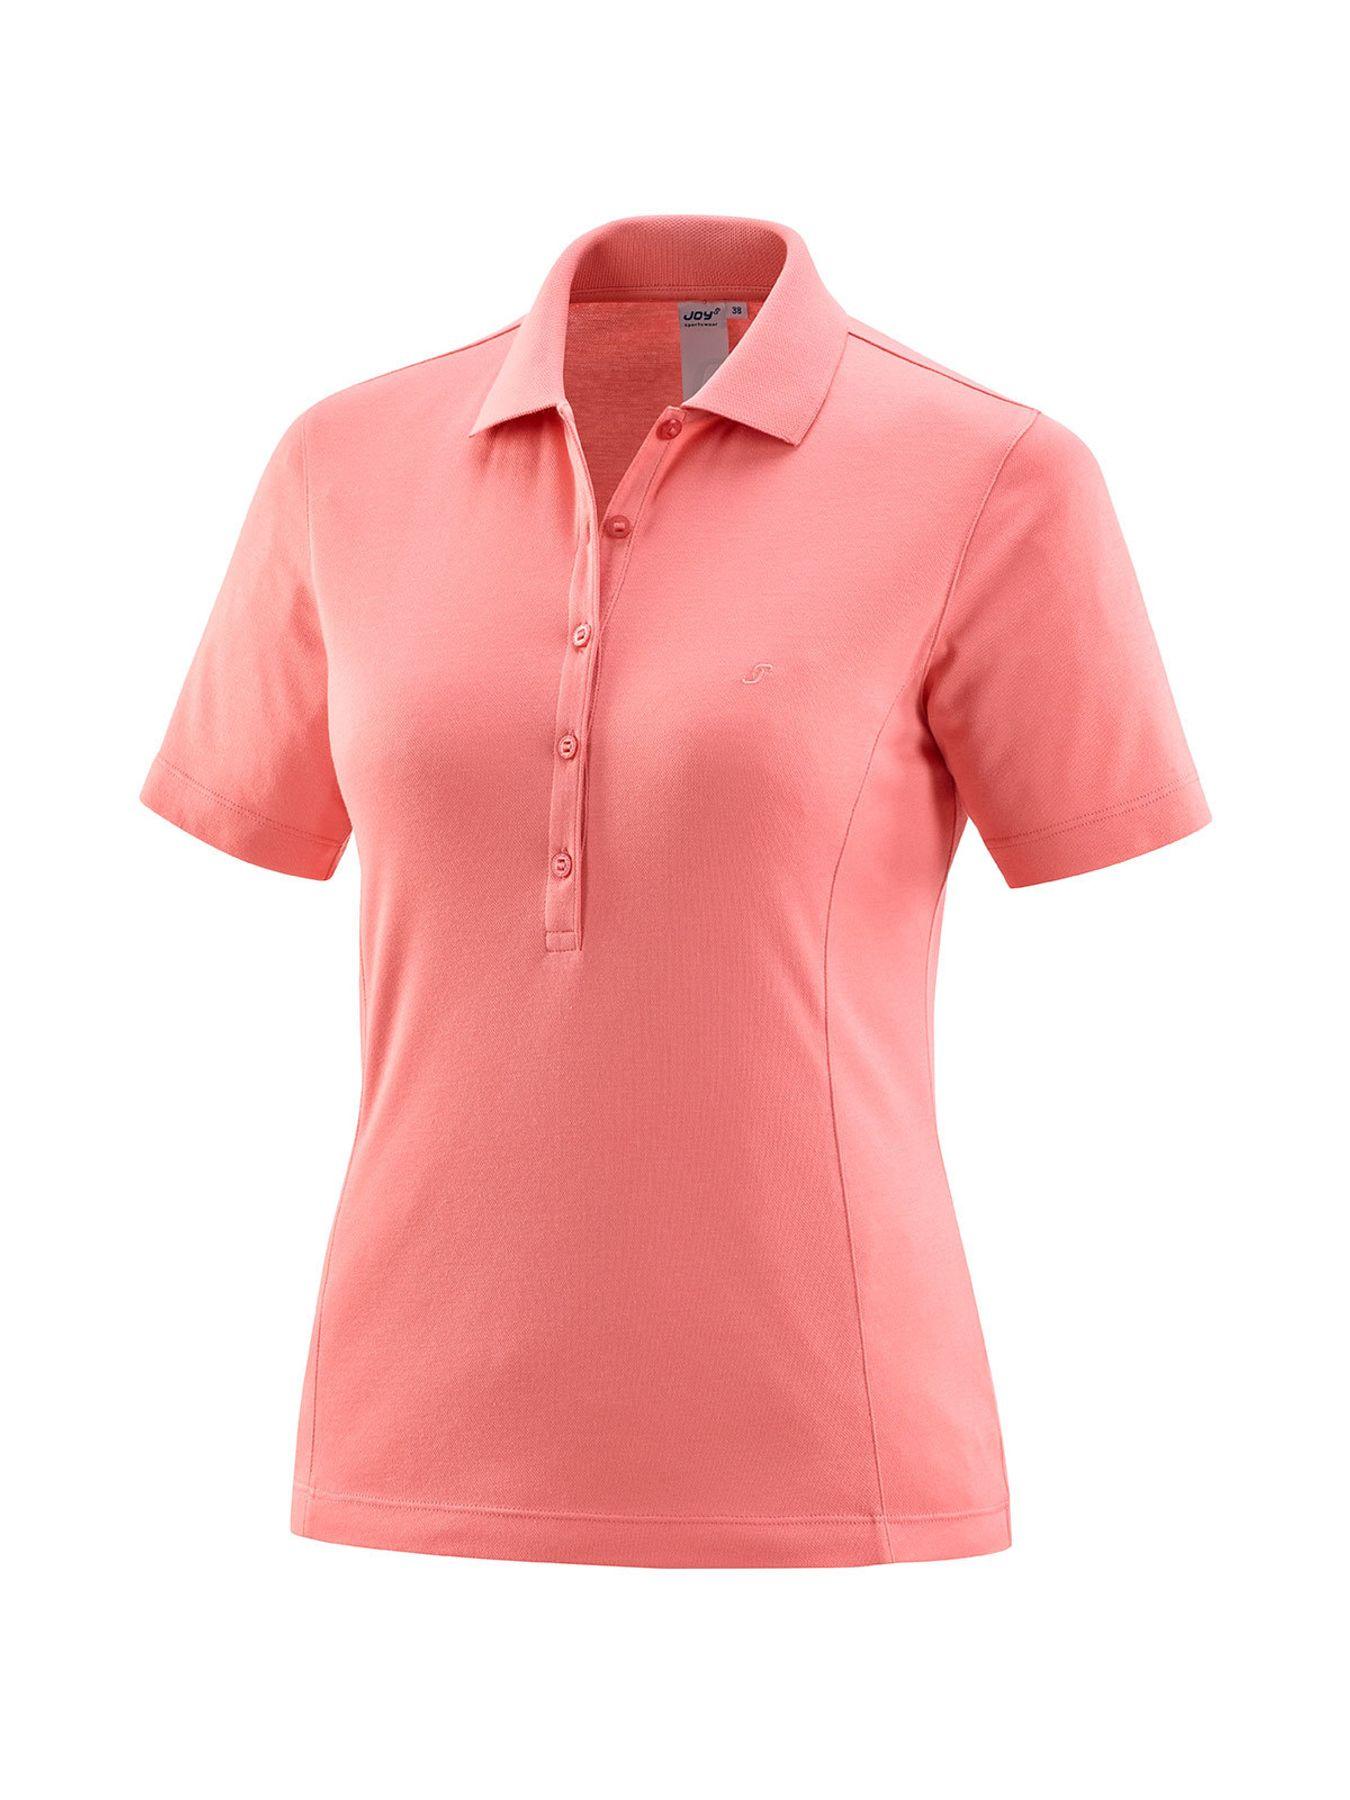 Joy - Damen Sport und Freizeit Poloshirt Bianka (34475A) – Bild 10